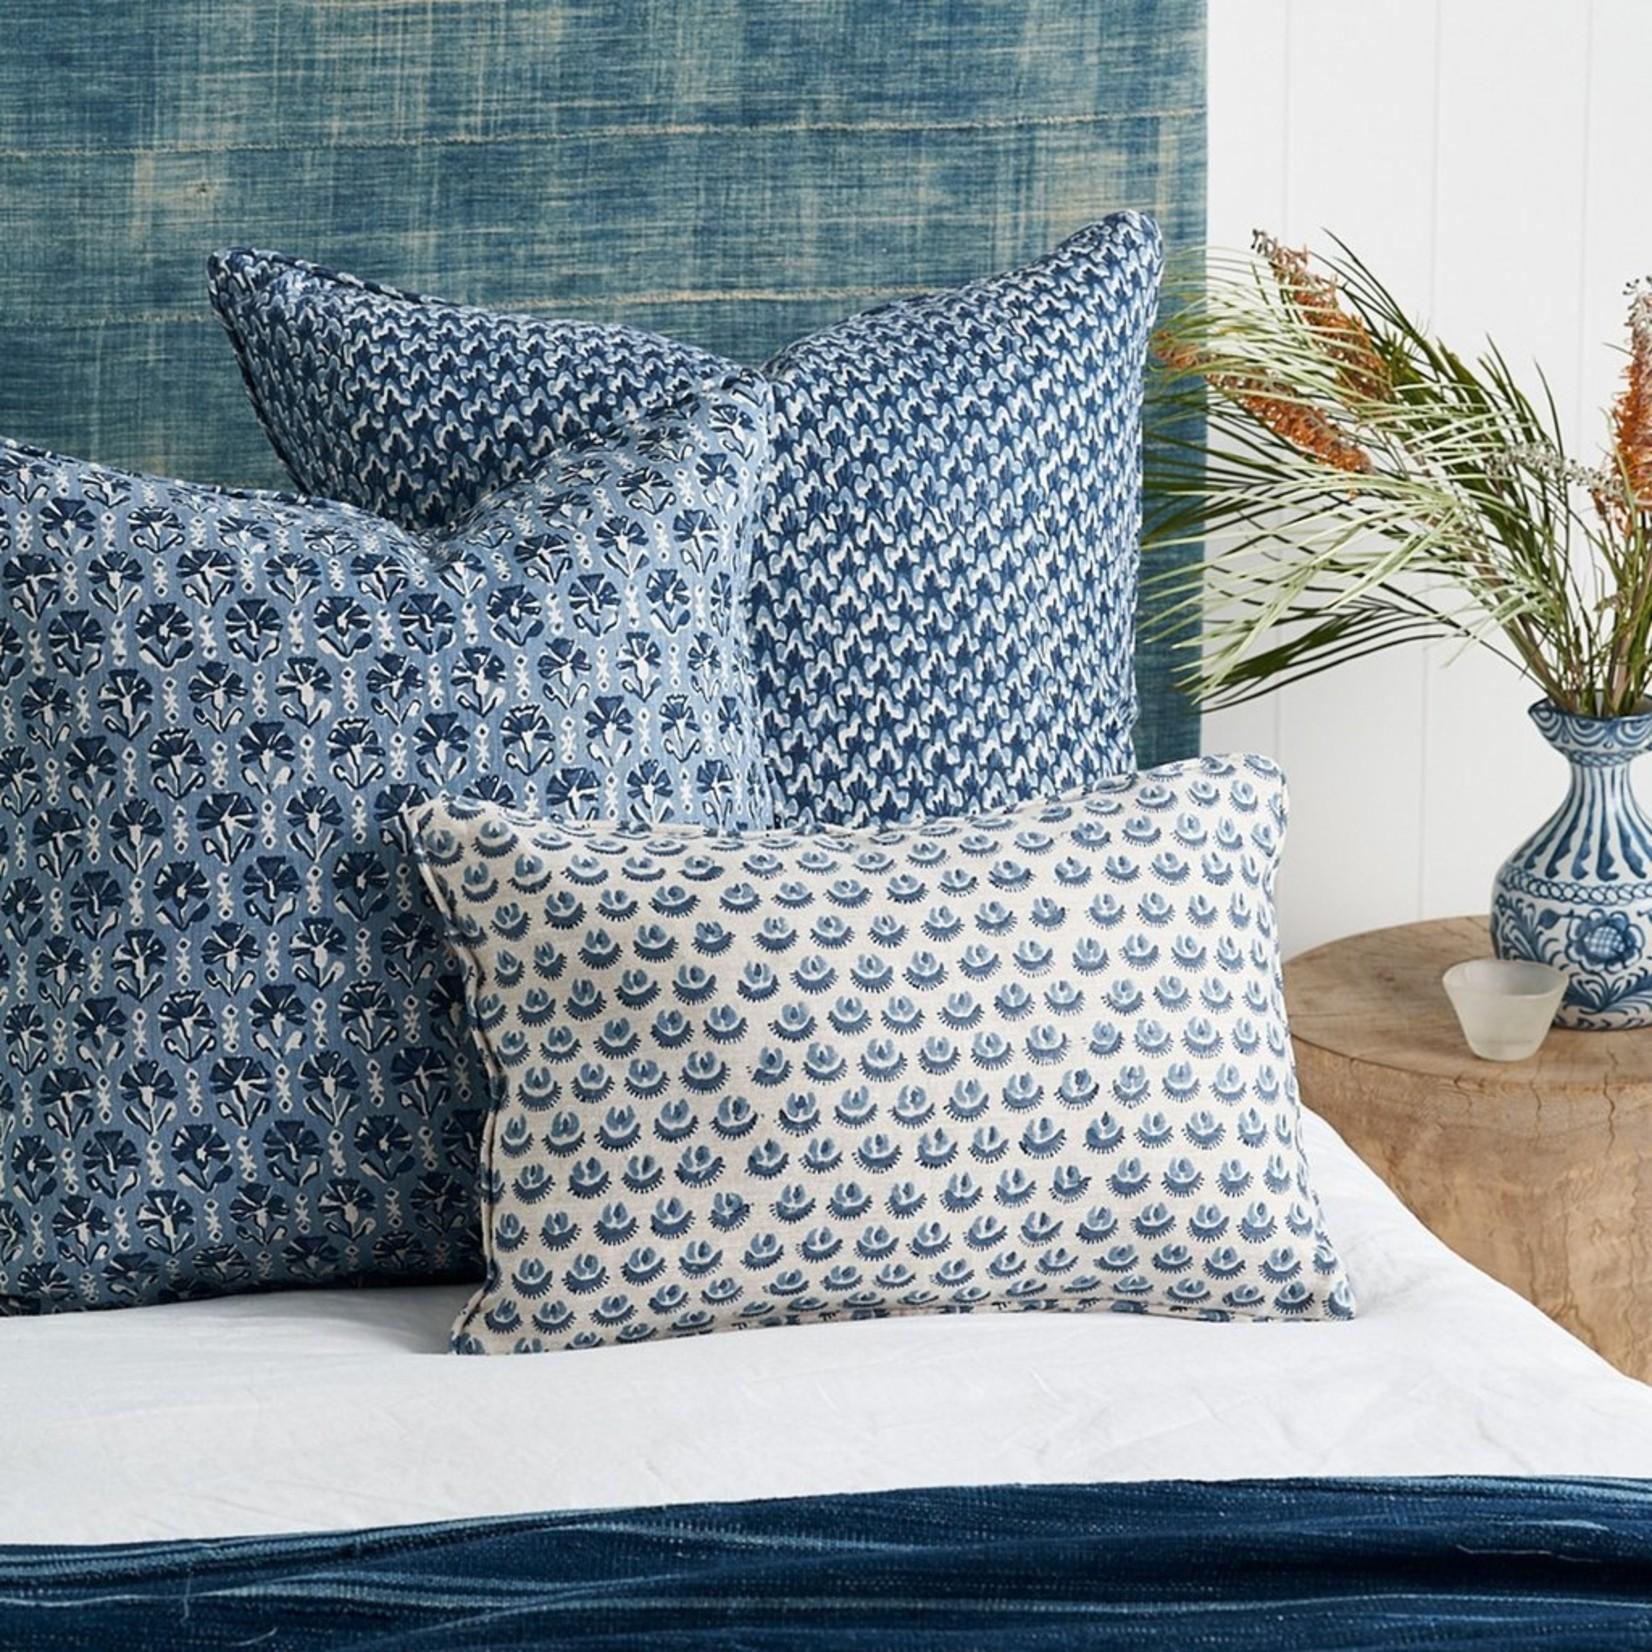 Walter G Biarrtiz Linen Pillow